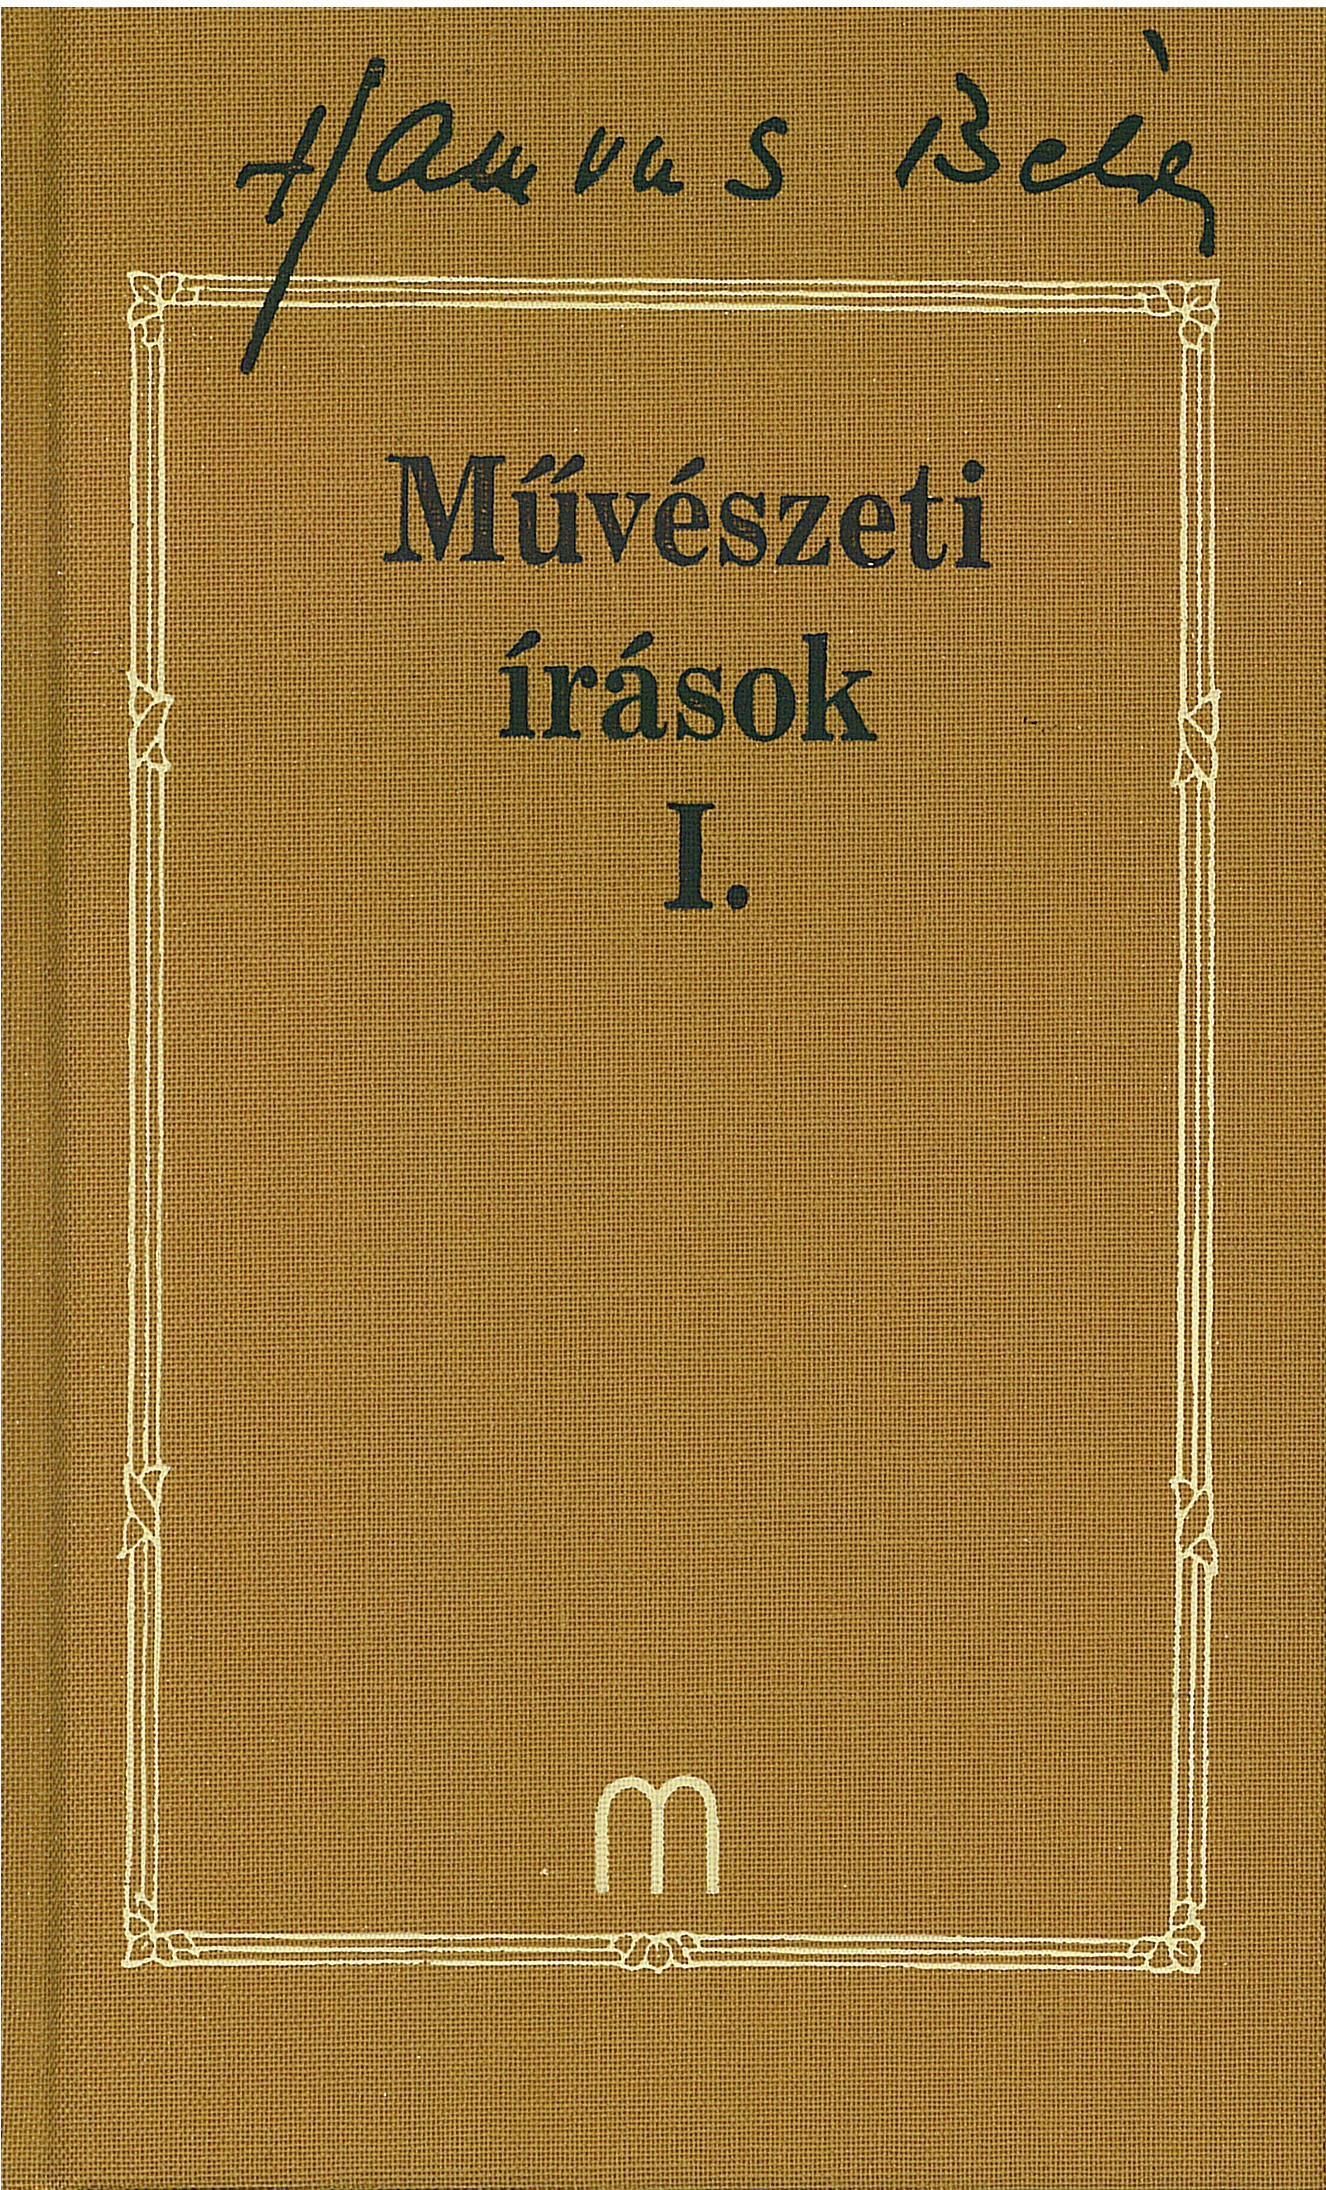 MŰVÉSZETI ÍRÁSOK I. - HAMVAS BÉLA MŰVEI 26.